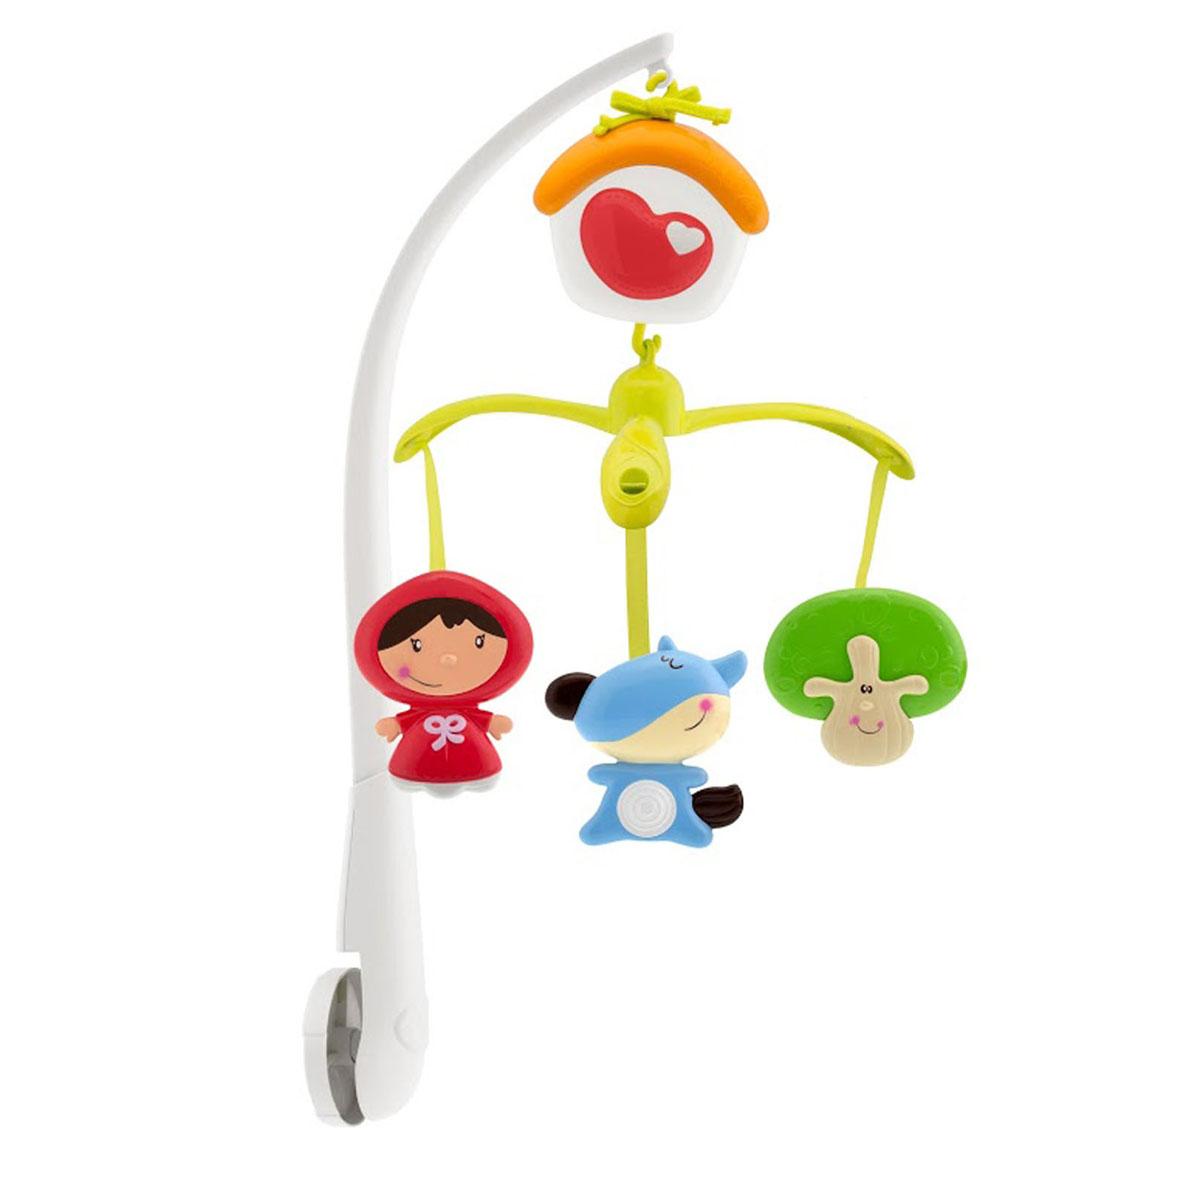 """Яркий музыкальный мобиль Chicco """"Красная шапочка"""" - это оригинальная музыкальная игрушка, создающая атмосферу уюта и спокойствия в детской комнате. Он предназначен для малышей с рождения. К кроватке ребенка крепится кронштейн, к которому подвешивается музыкальный блок и крепеж с игрушками. Под приятные мелодии на мобиле медленно вращаются три игрушки в виде красной шапочки, волка и дерева. Музыкальный блок выполнен в виде домика. Благодаря заводному механизму, мобиль не требует батареек. Для того, чтобы включить мобиль, необходимо повернуть по часовой стрелке сердечко на домике. В результате работы механизма подвесные игрушки начнут кружится в ритме приятной мелодии. При желании музыкальный блок можно использовать отдельно, закрепив его на кроватке при помощи ремешка. Когда малыш подрастет и мобиль ему будет не нужен, можно отдельно использовать игрушки. Сочетание музыки и движения поможет ребенку успокоиться, а также развить цветовое и звуковое восприятия,..."""